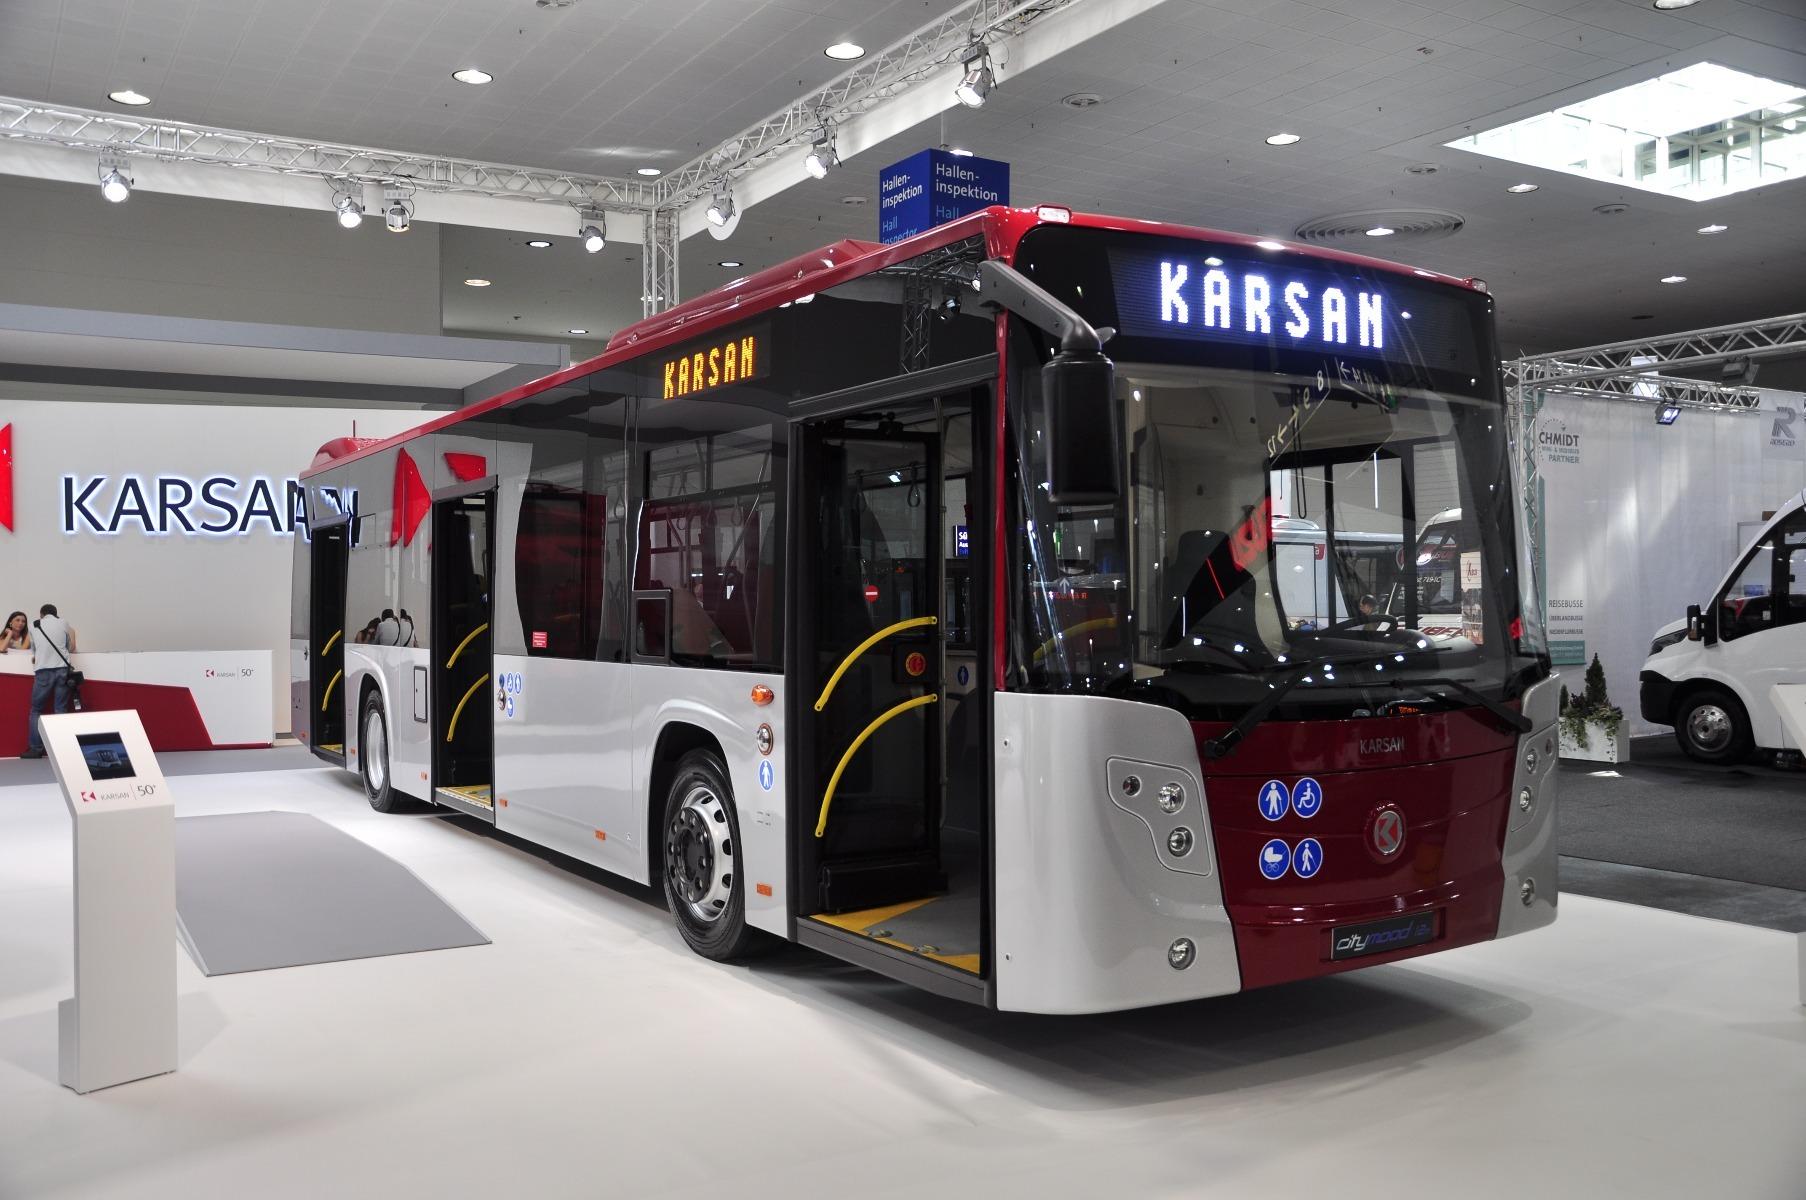 A Karsan Citymood városi busz 10,6, 12 és 18 méteres modellként is készül, Euro 6-os motorjai az FPT-től származnak